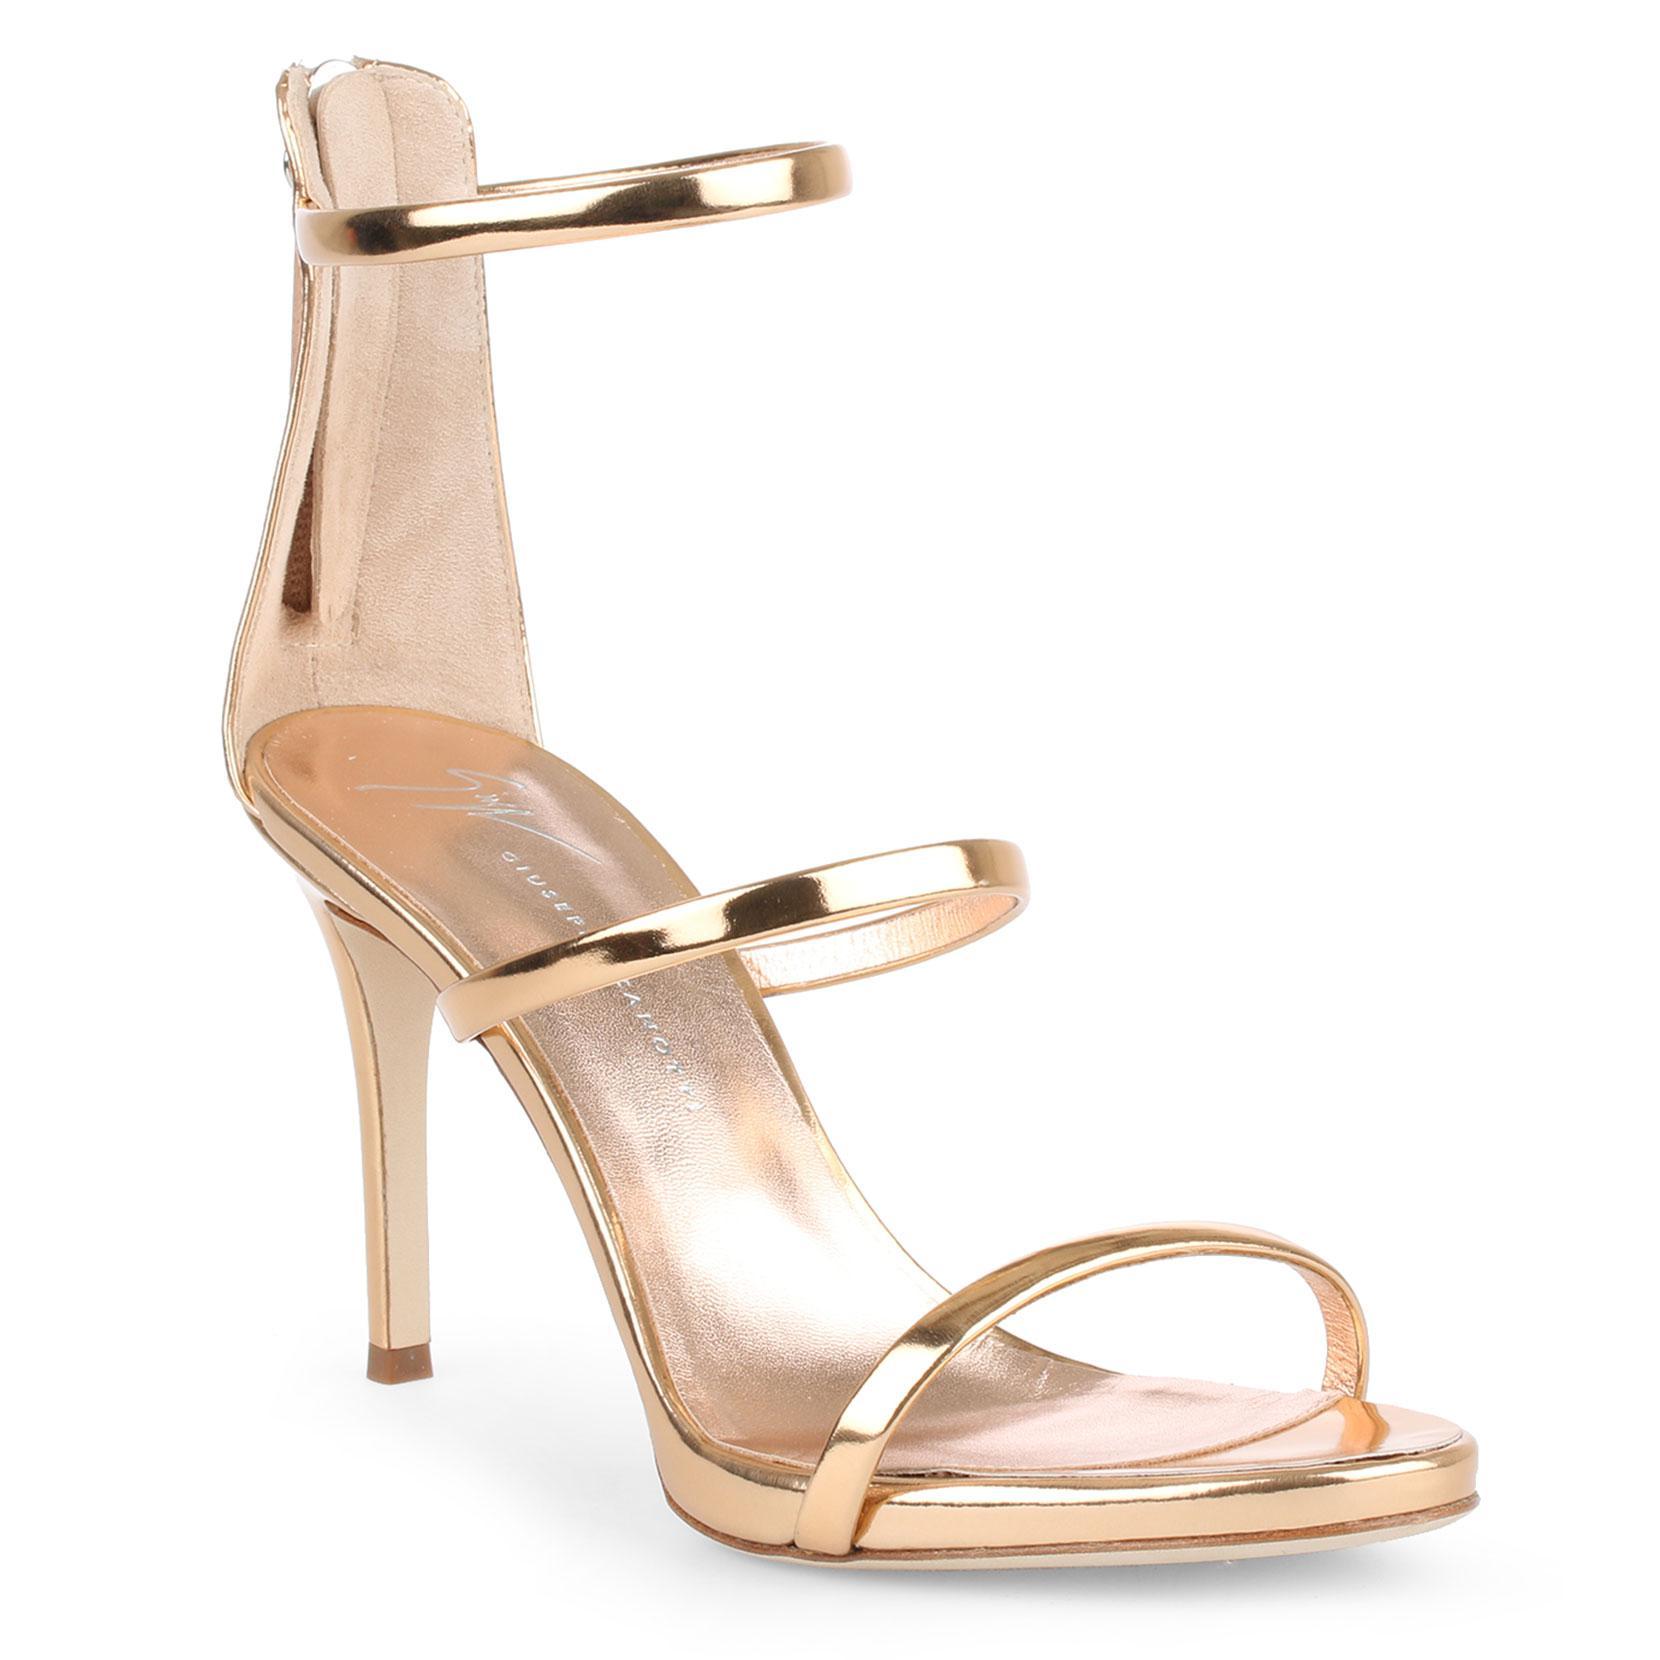 1cd9aaa33 Lyst - Giuseppe Zanotti Harmony 90 Rose Gold Sandals in Metallic